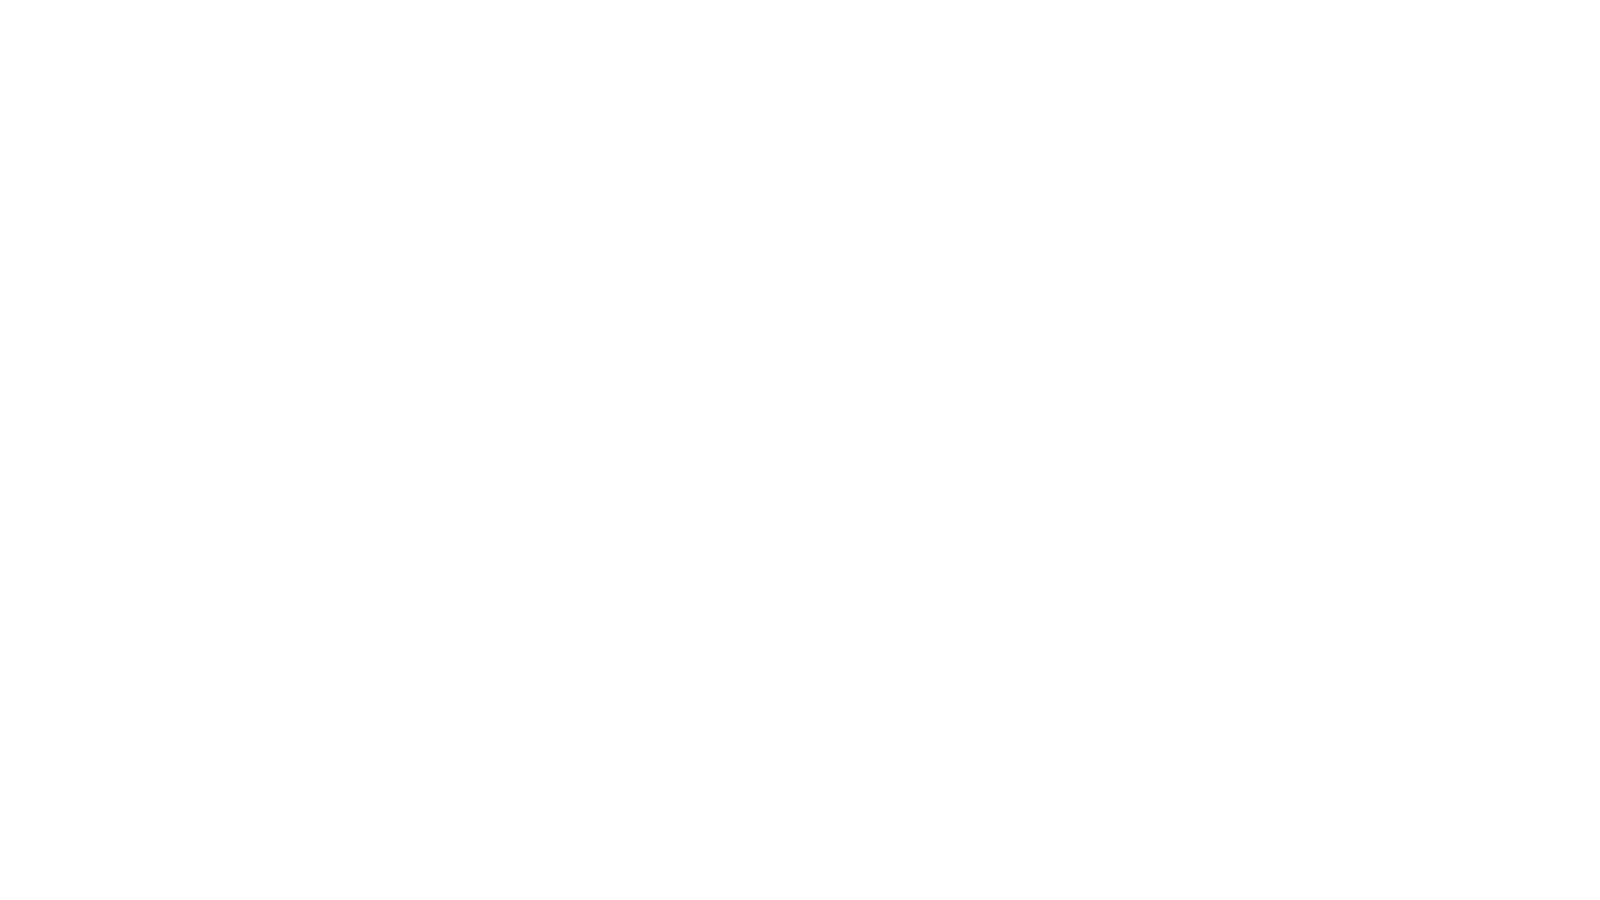 Não adianta falar que foi corte ou qualquer outra resposta que não tenha valor argumentativo!  Se você está em busca de uma recolocação, essa pergunta vai aparecer na sua entrevista de emprego. Então, prepare-se para argumentar sobre o match do seu perfil profissional e o que a vaga exige.  Nesse vídeo, explico como desenvolver uma boa resposta argumentativa que vai favorecer suas chances de ser contratado!  Se liga nas estratégias!